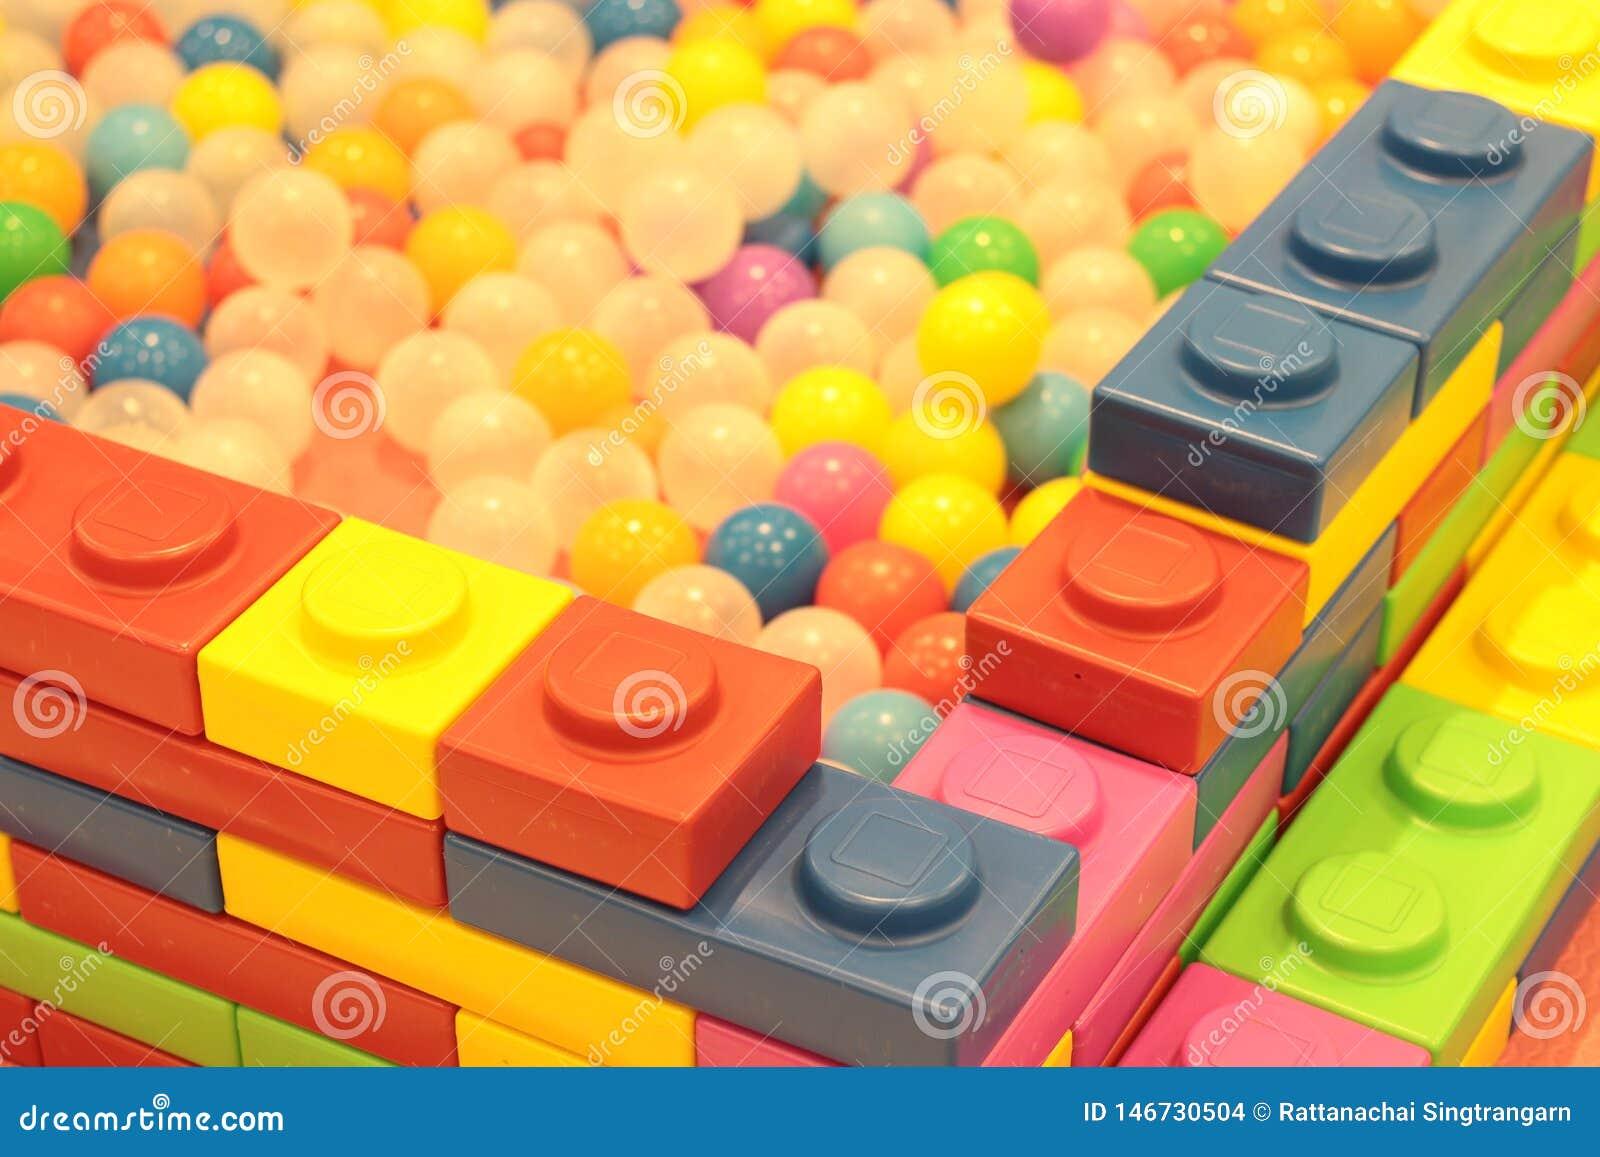 Красочные дети шариков, пруд шарика смешного детского сада пластиковый